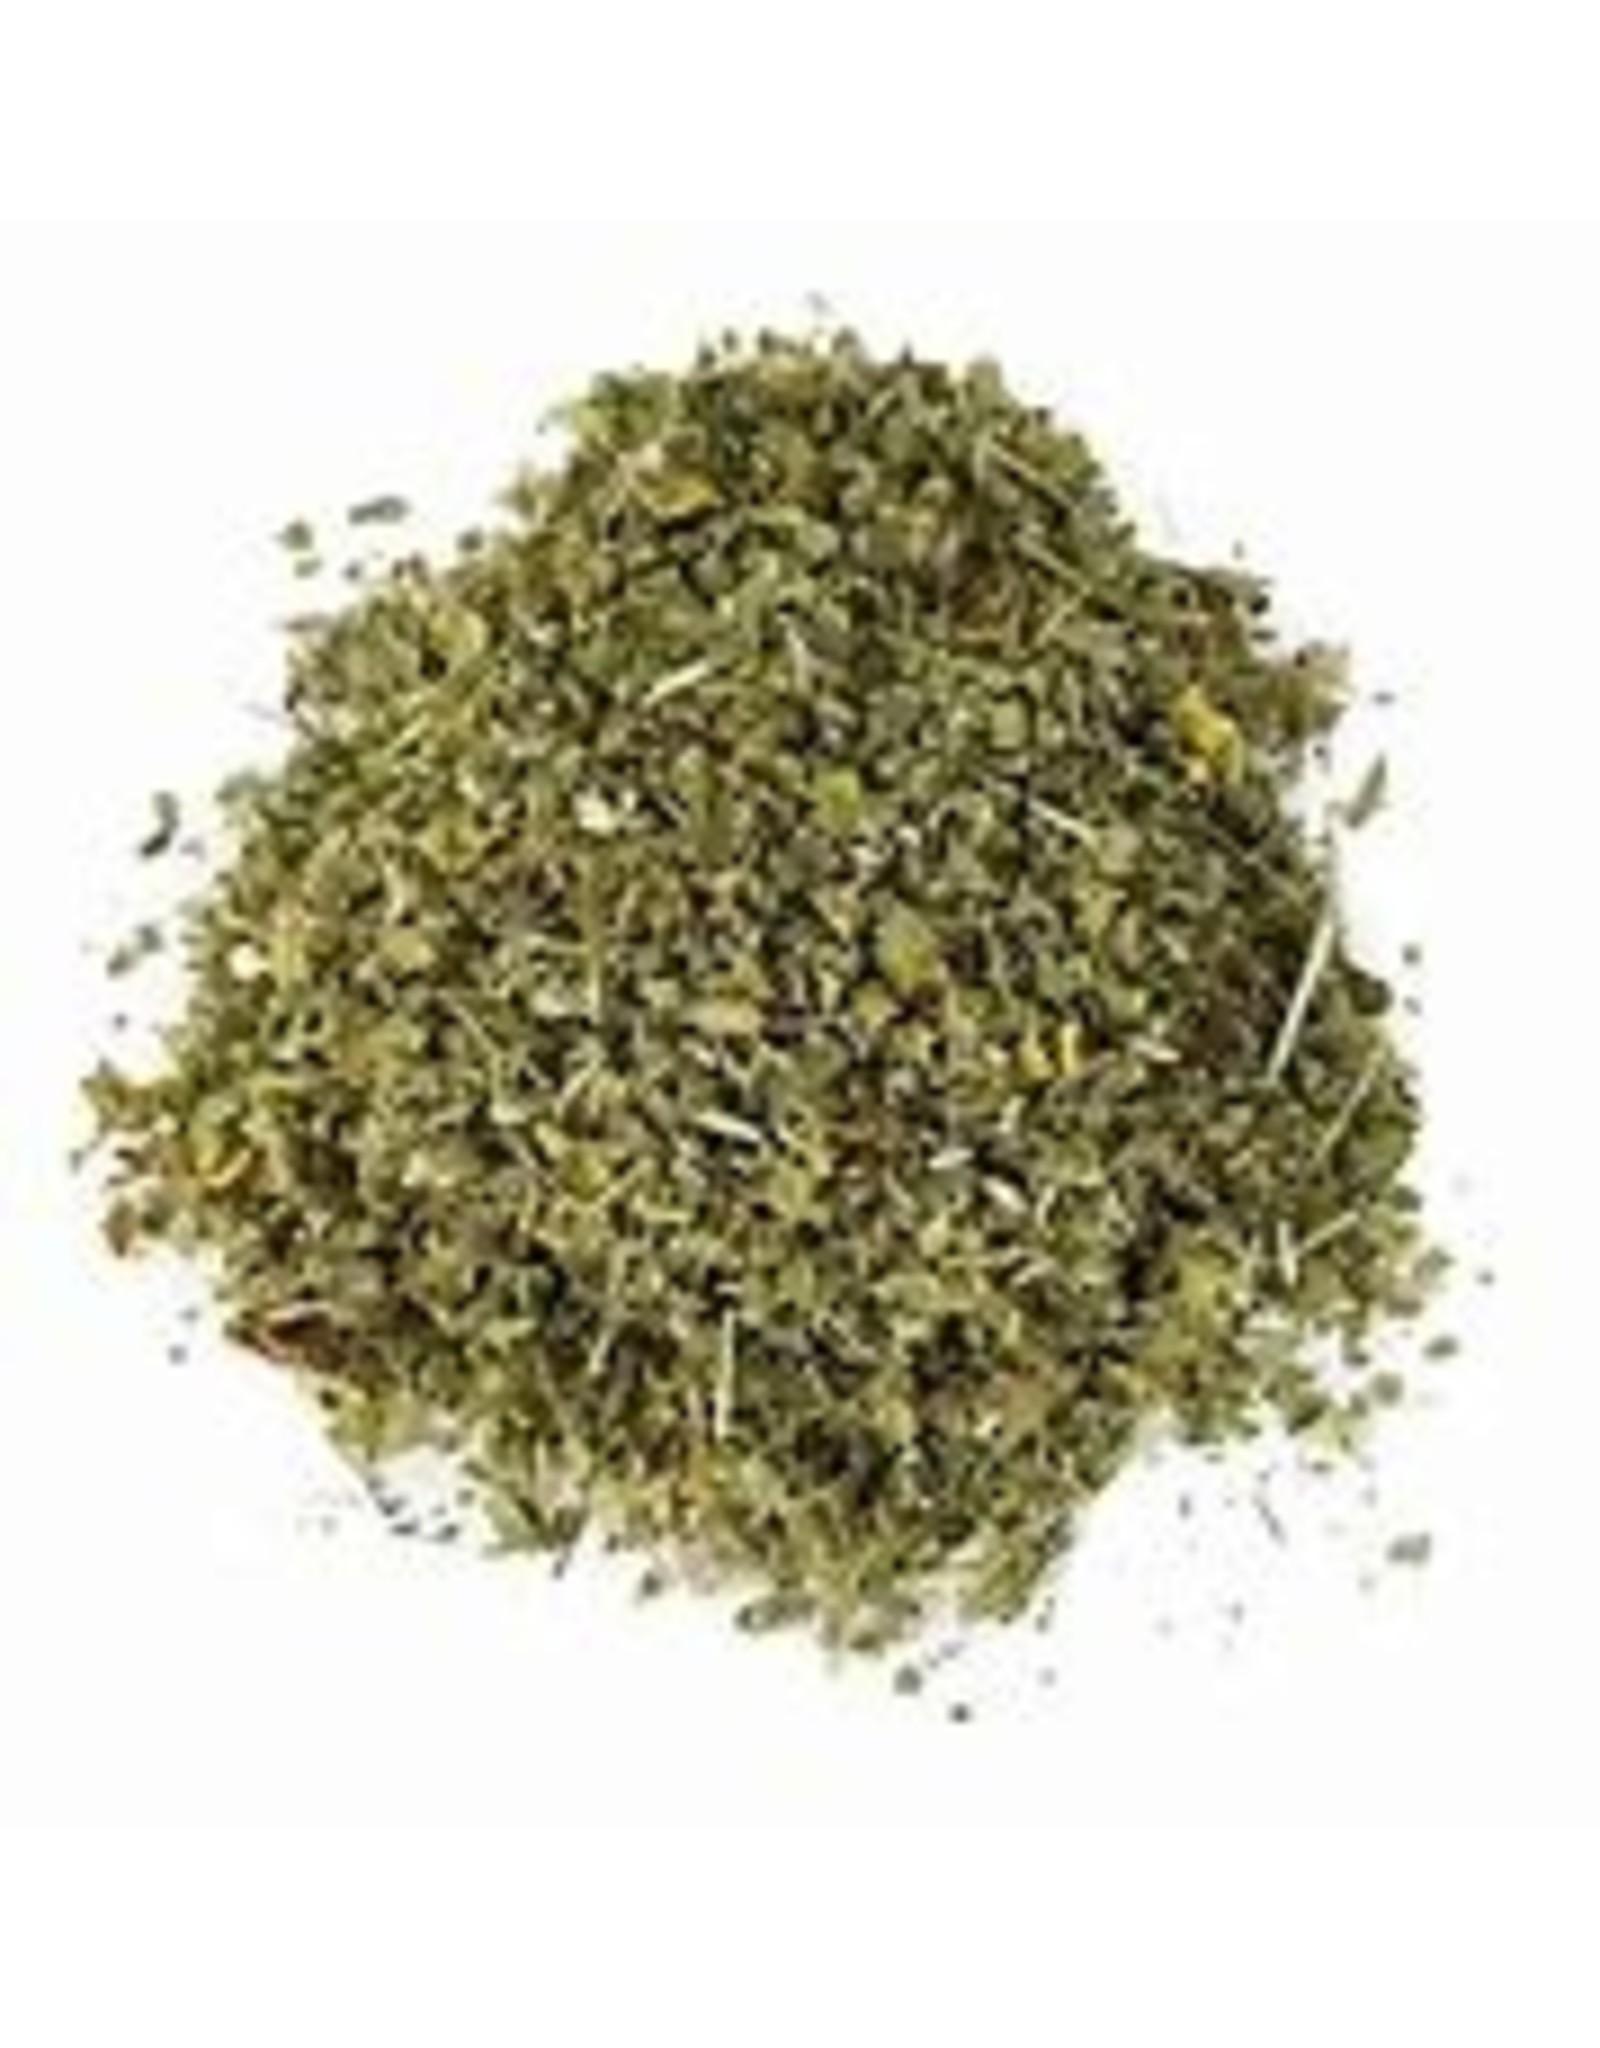 Marshmallow Leaf herb 1 oz